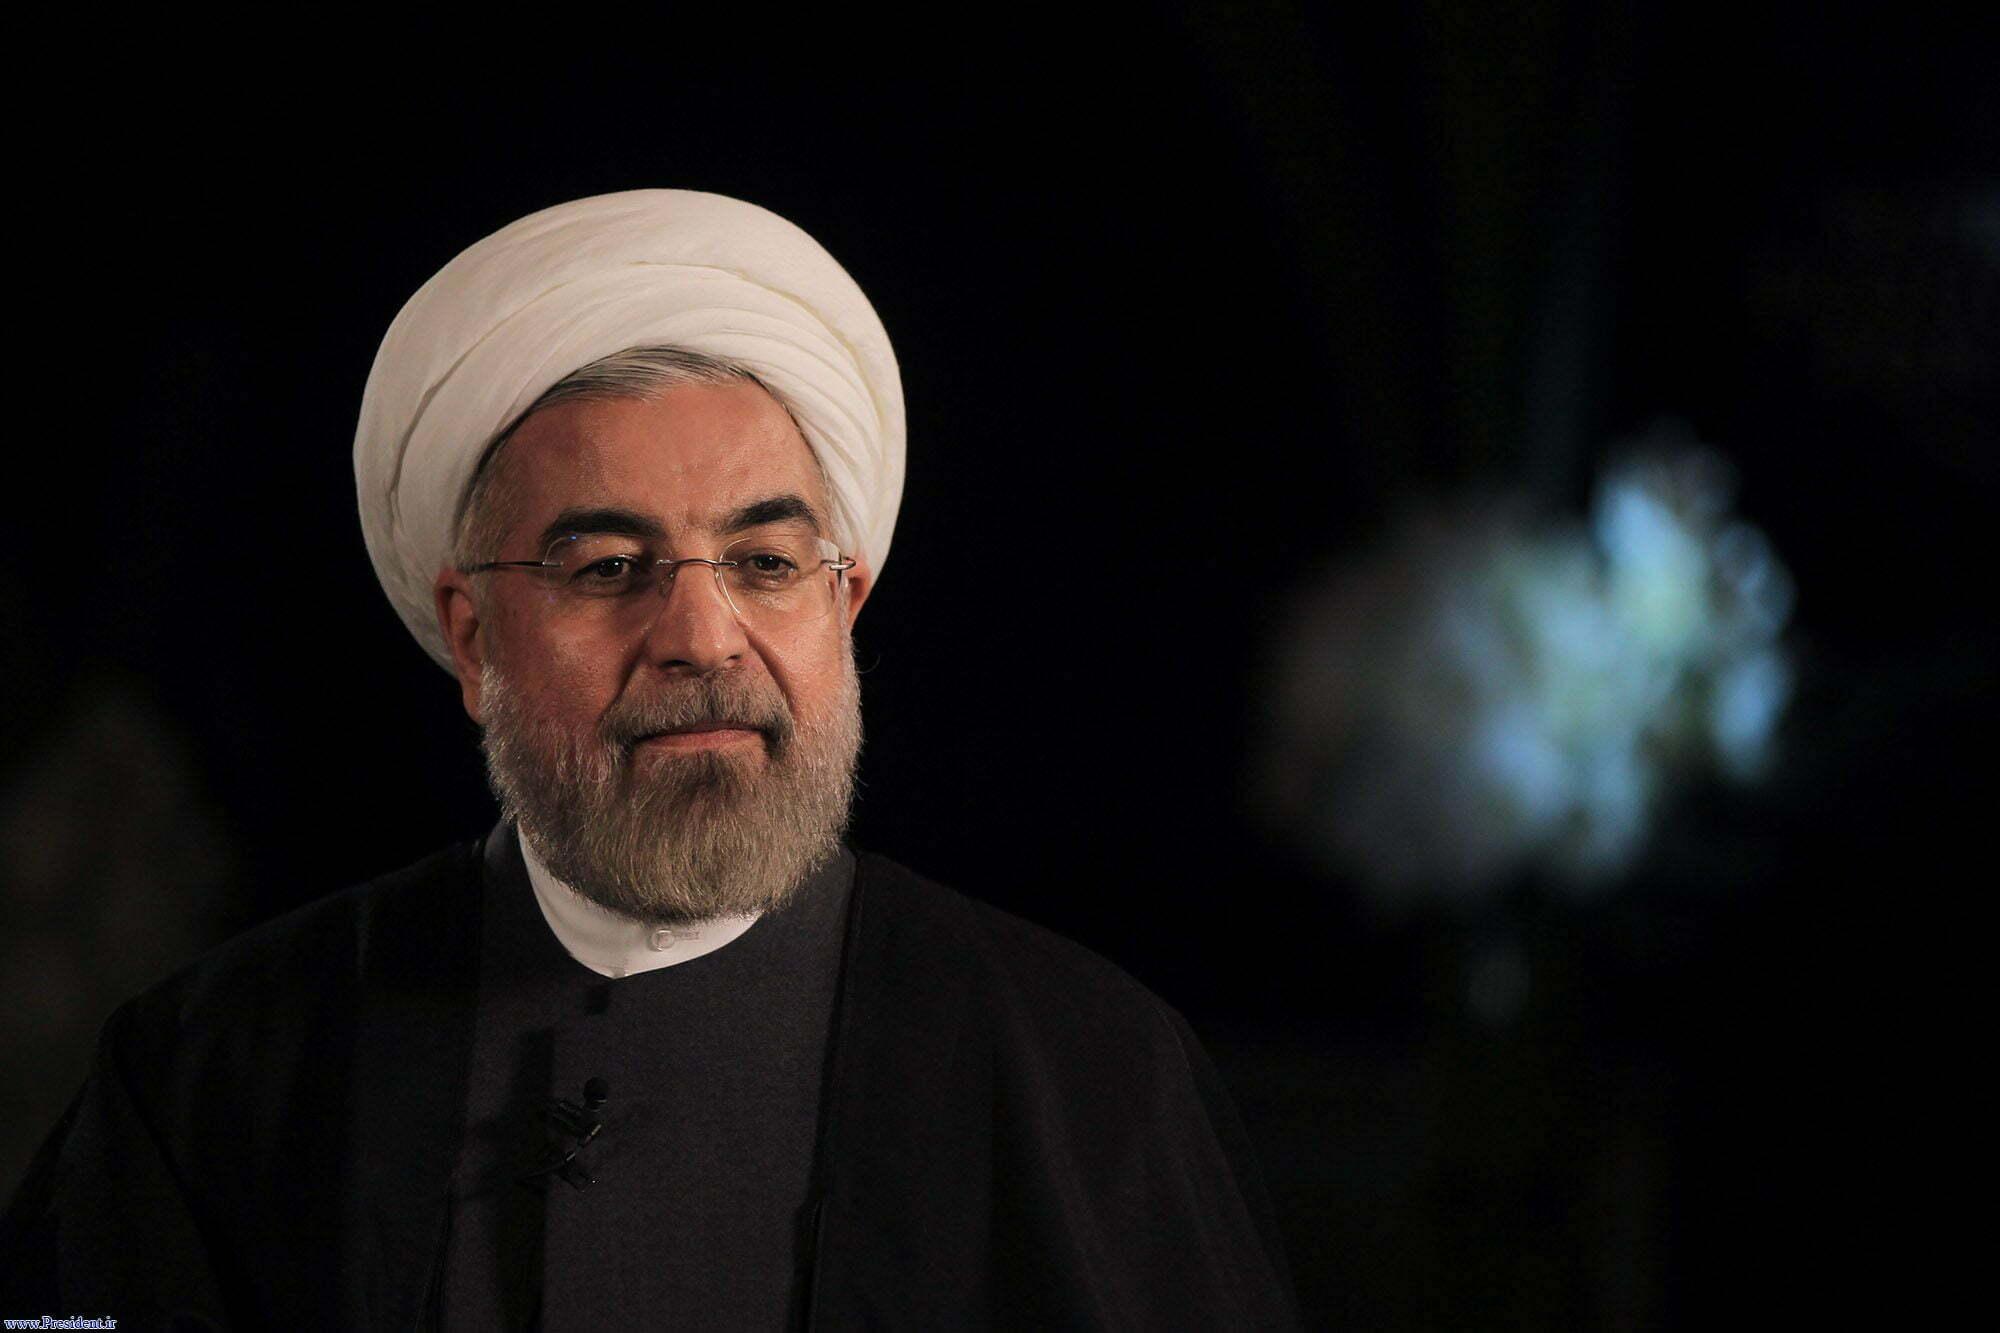 محدودیت و معنی داری انتخابات در جمهوری اسلامی